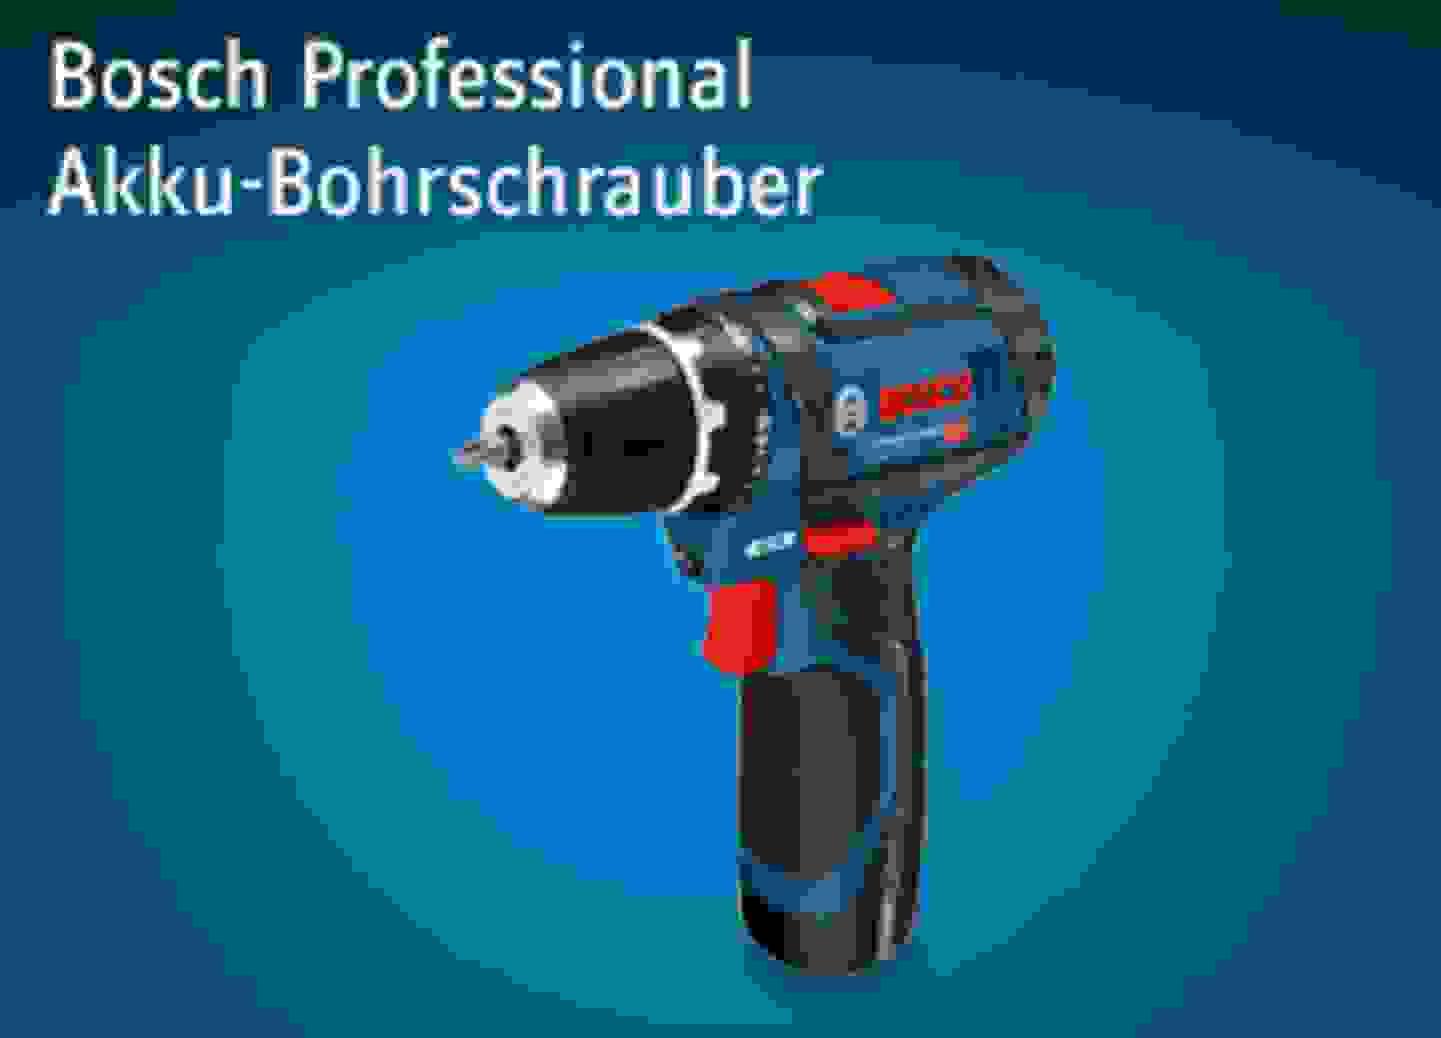 Bosch Akku-Bohrschrauber